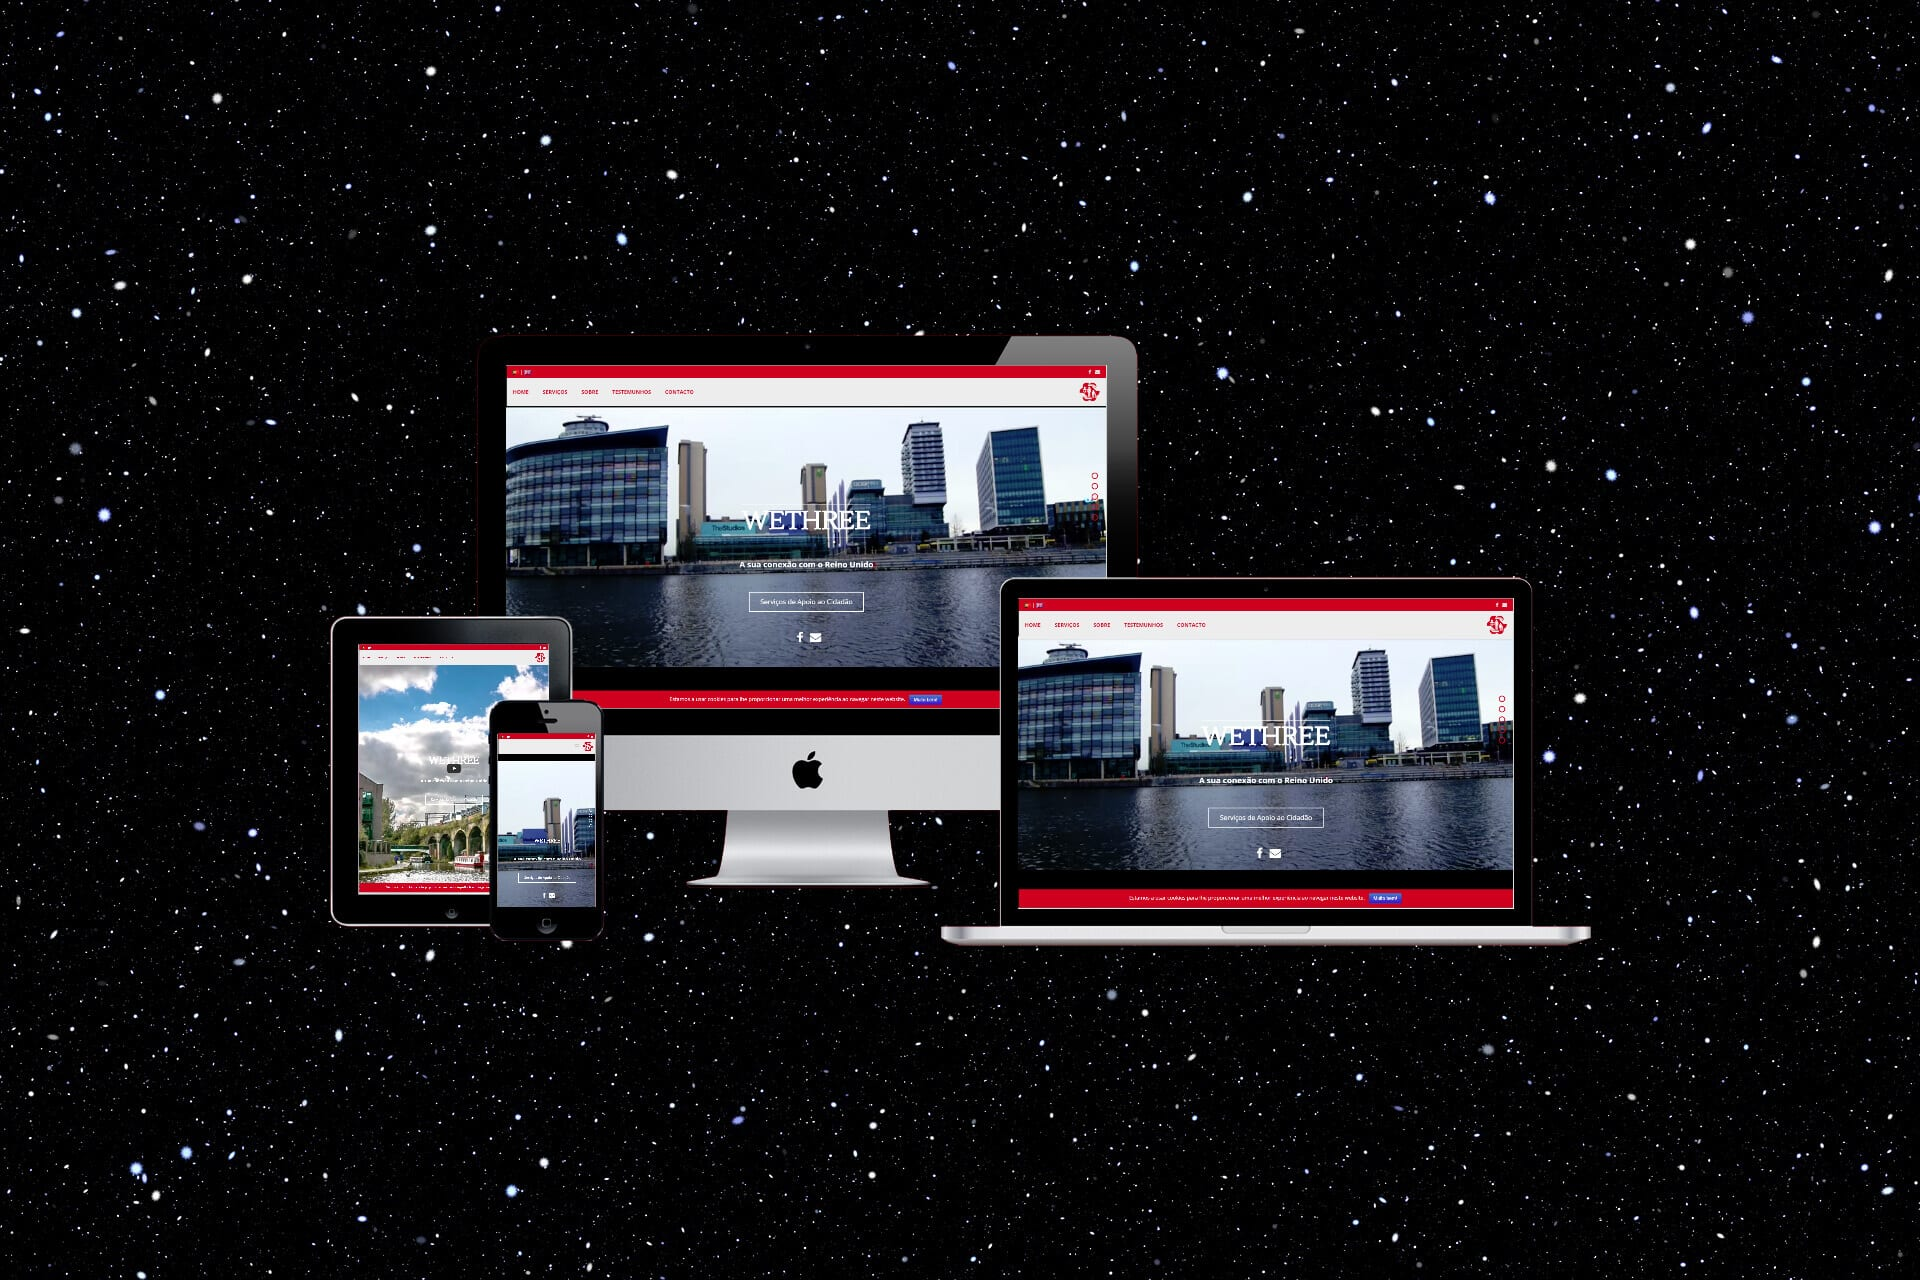 Website Designers 4U - Affordable Website Design for UK Small Businesses